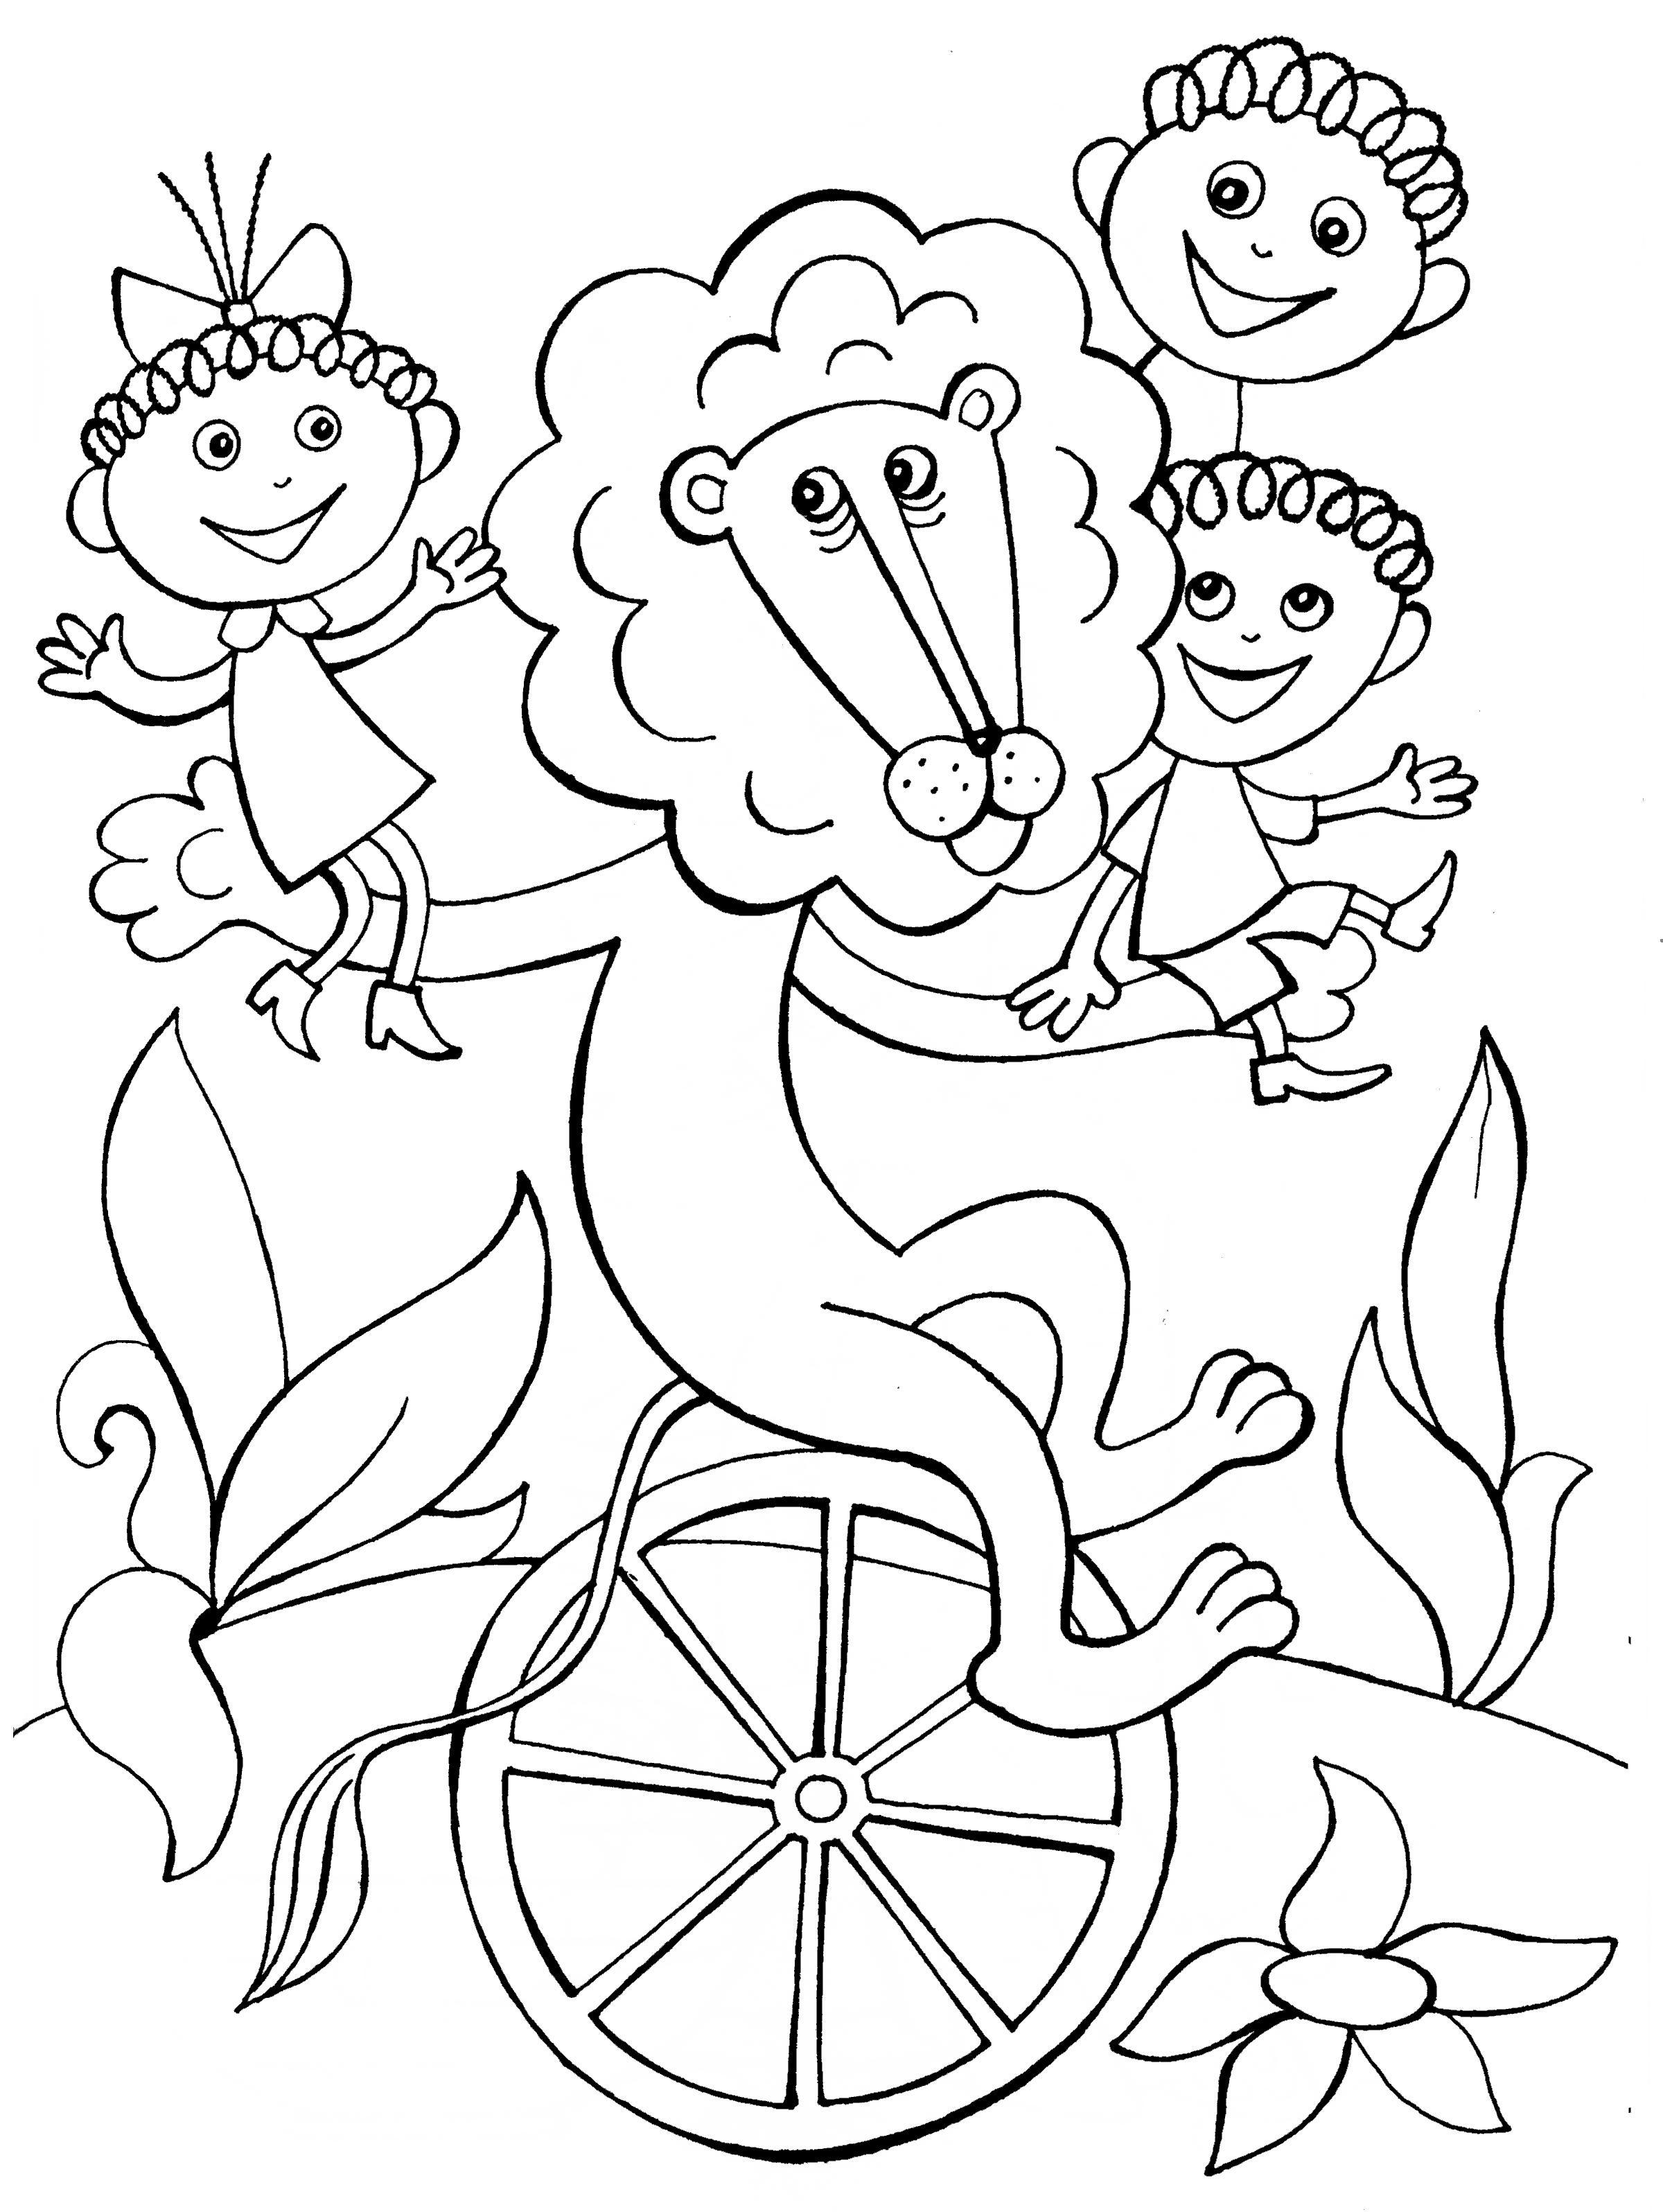 Рисунки для витражных красок из мульфильма каникулы бонифация.